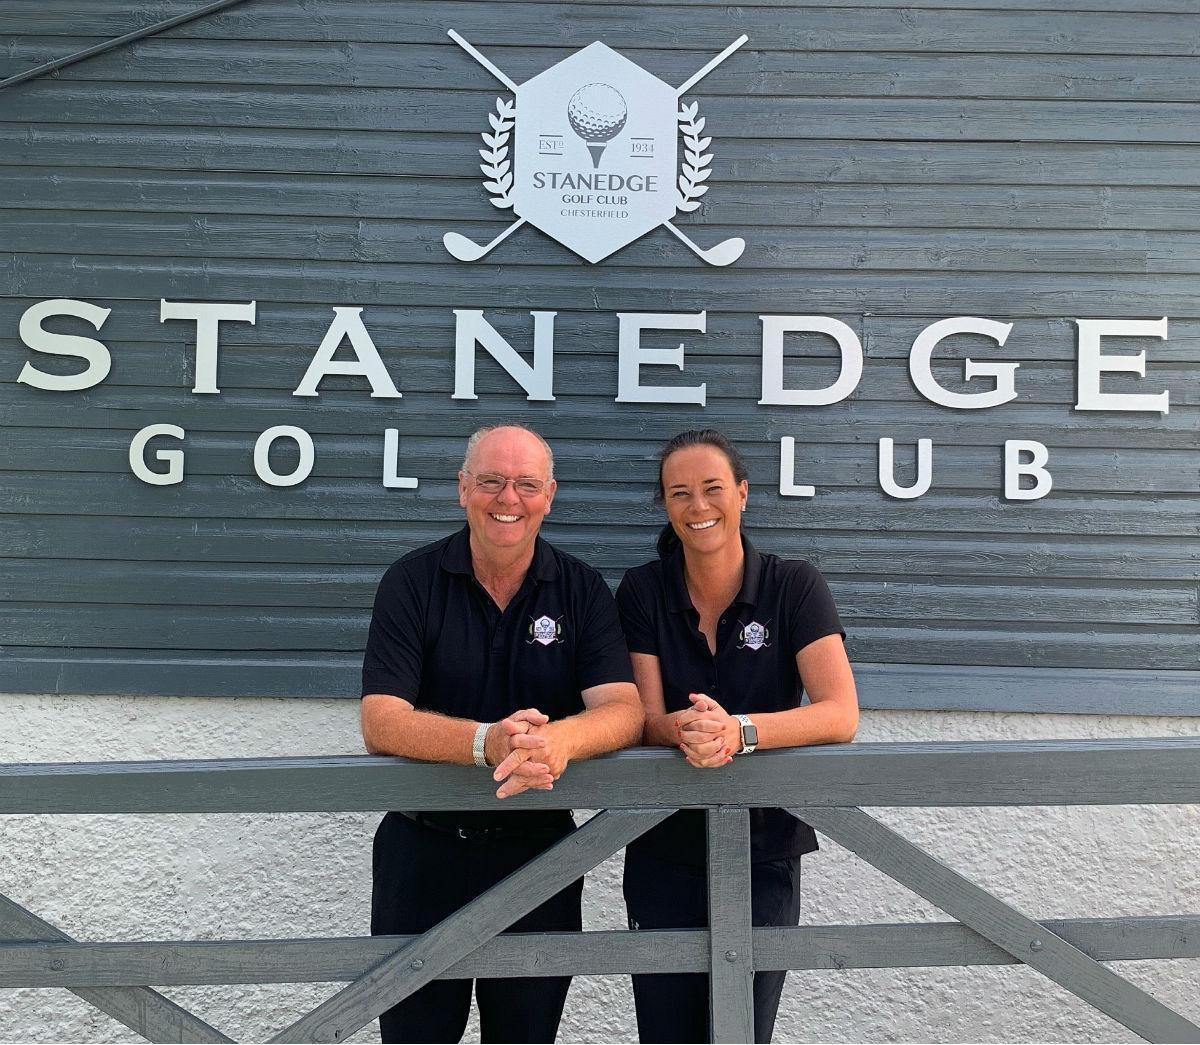 stanedge golf coaching